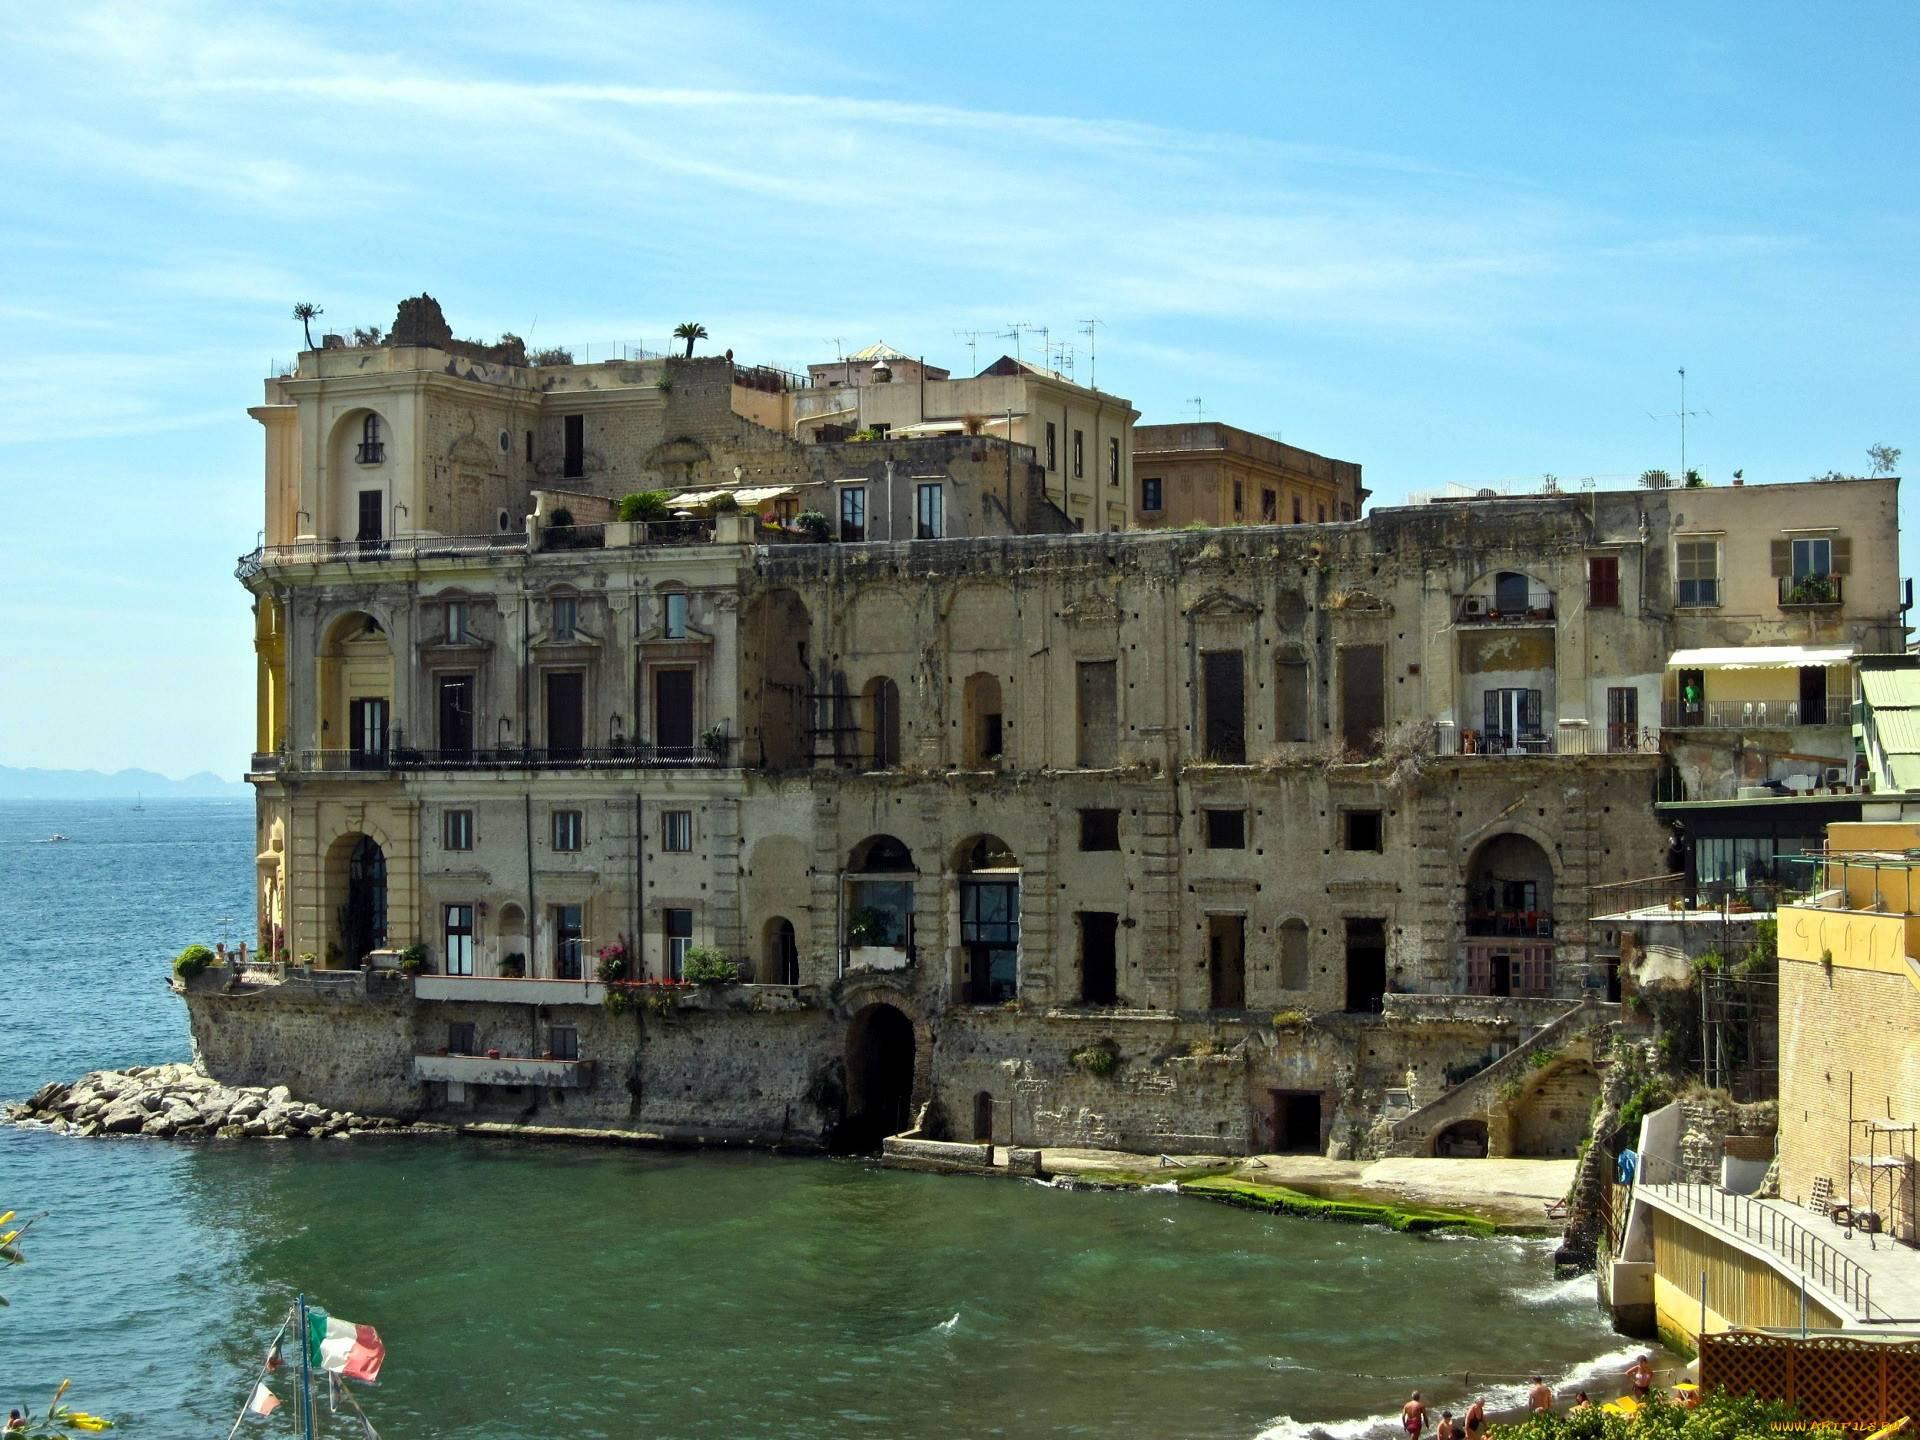 Пьенца, тоскана: что посмотреть и где остановиться | италия для италоманов